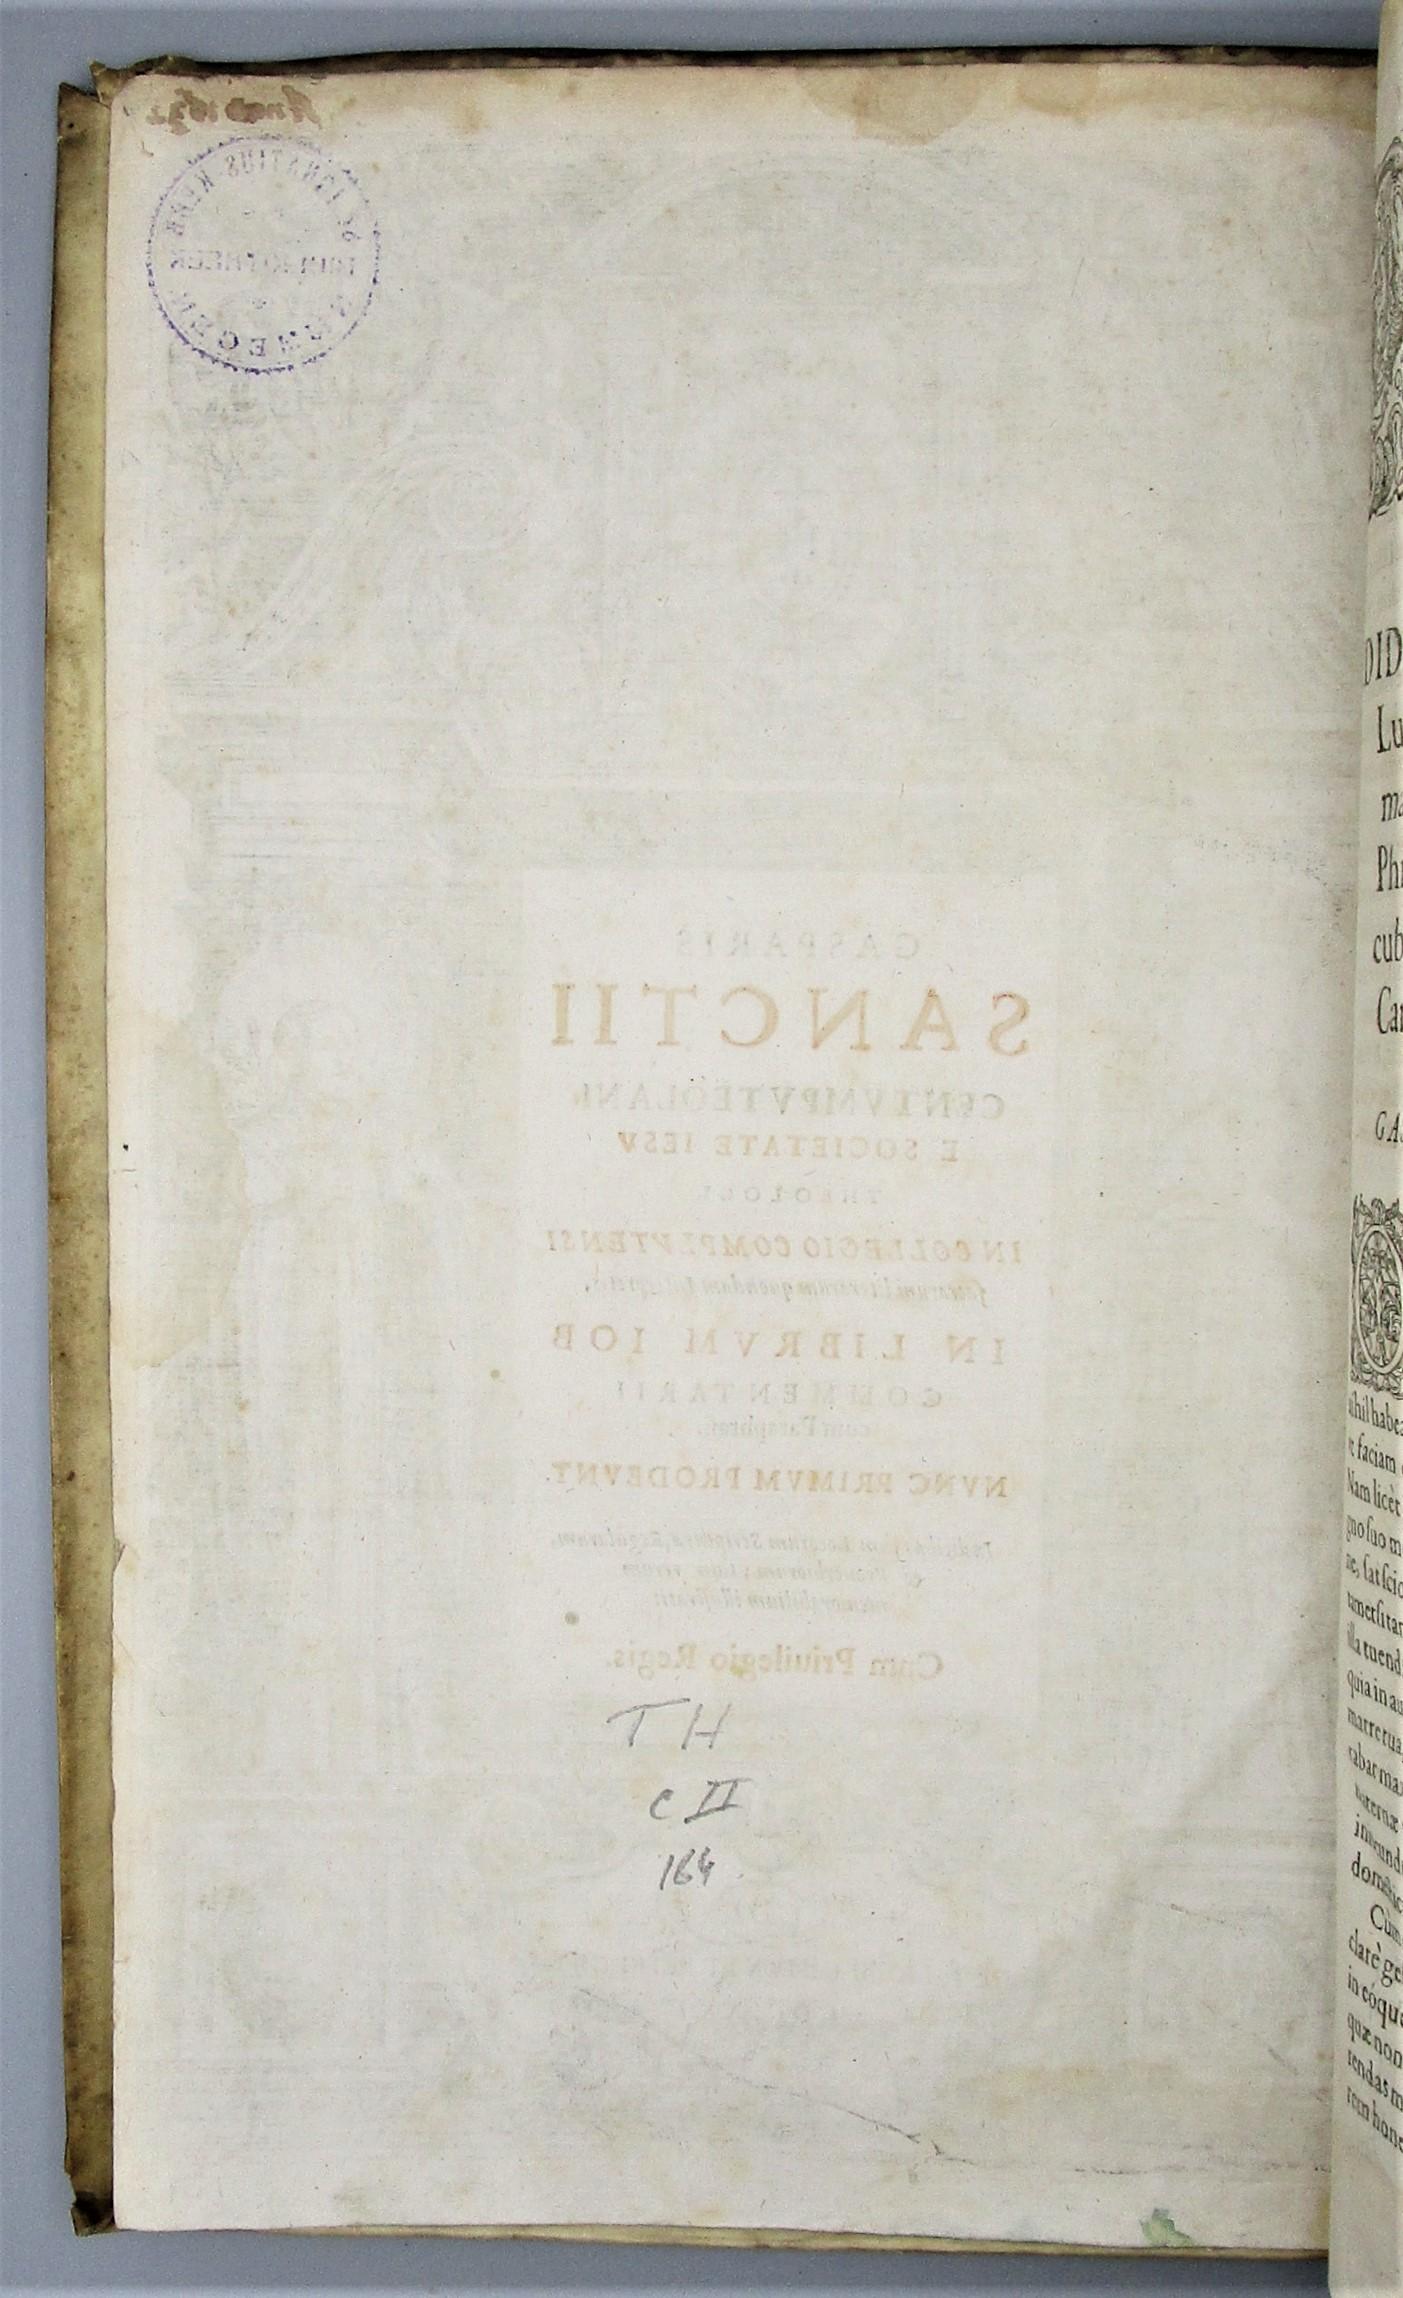 GASPARIS SANCTII CENTUMPUTEOLANI - 1625 [1st Ed]